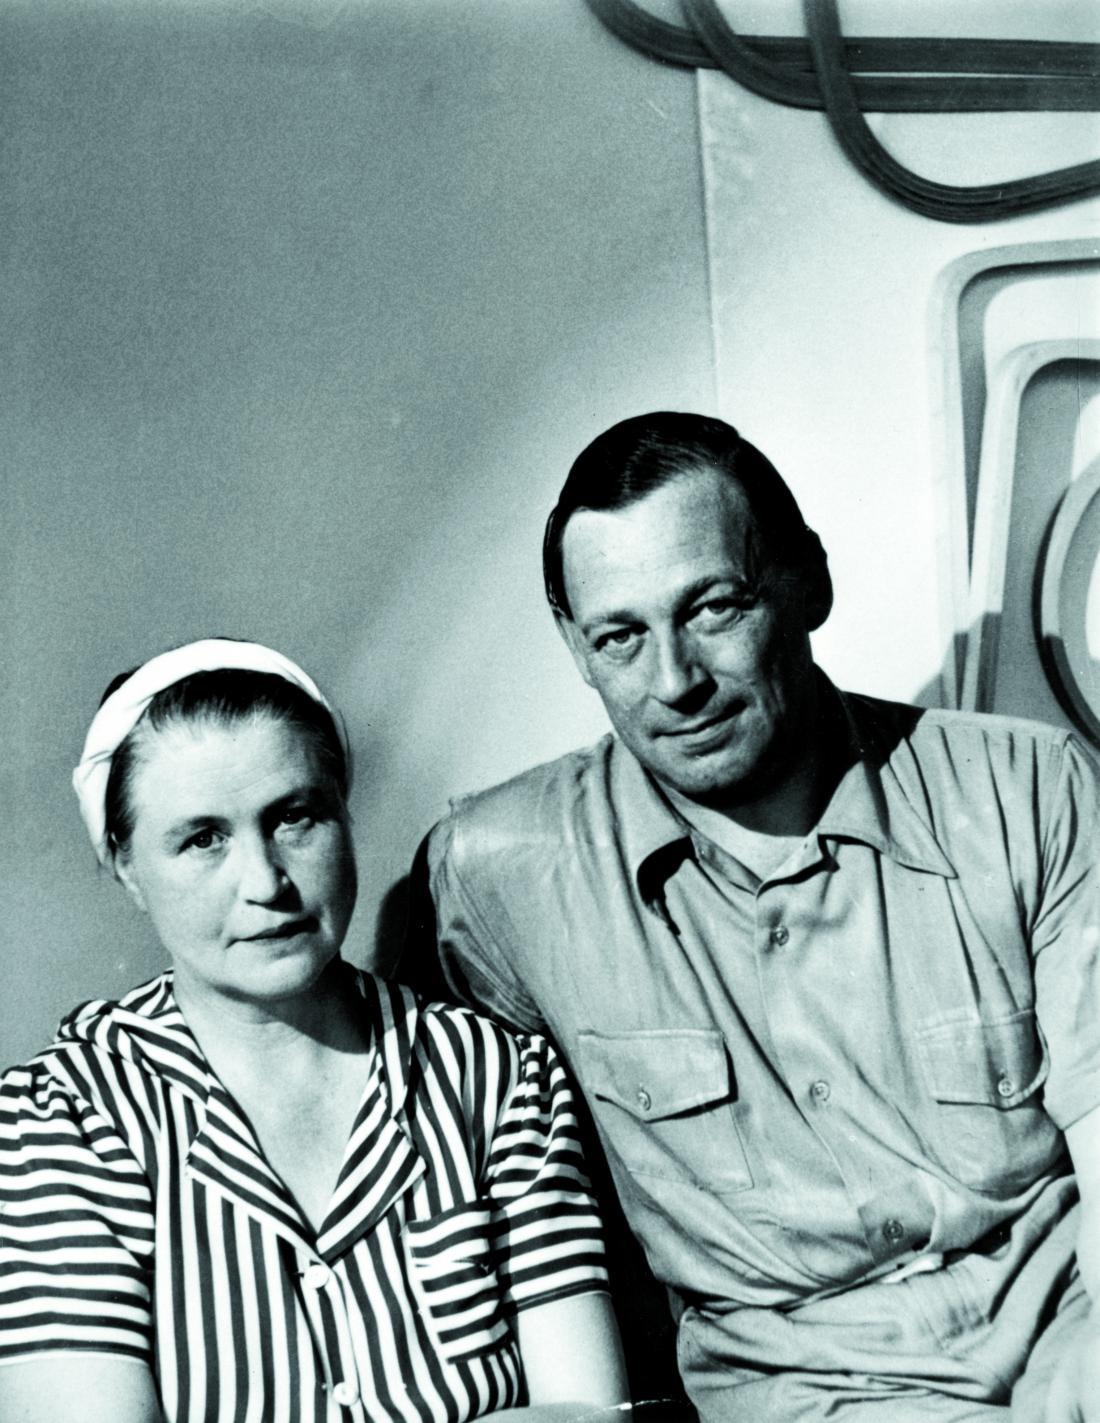 Finska arhitekta in oblikovalca Aino in Alvar Aalto sta bila tesno povezana na vseh področjih življenja: bila sta poročena, sodelovala pa sta tudi na področju arhitekture in oblikovanja. Foto: arhiv podjetja Artek